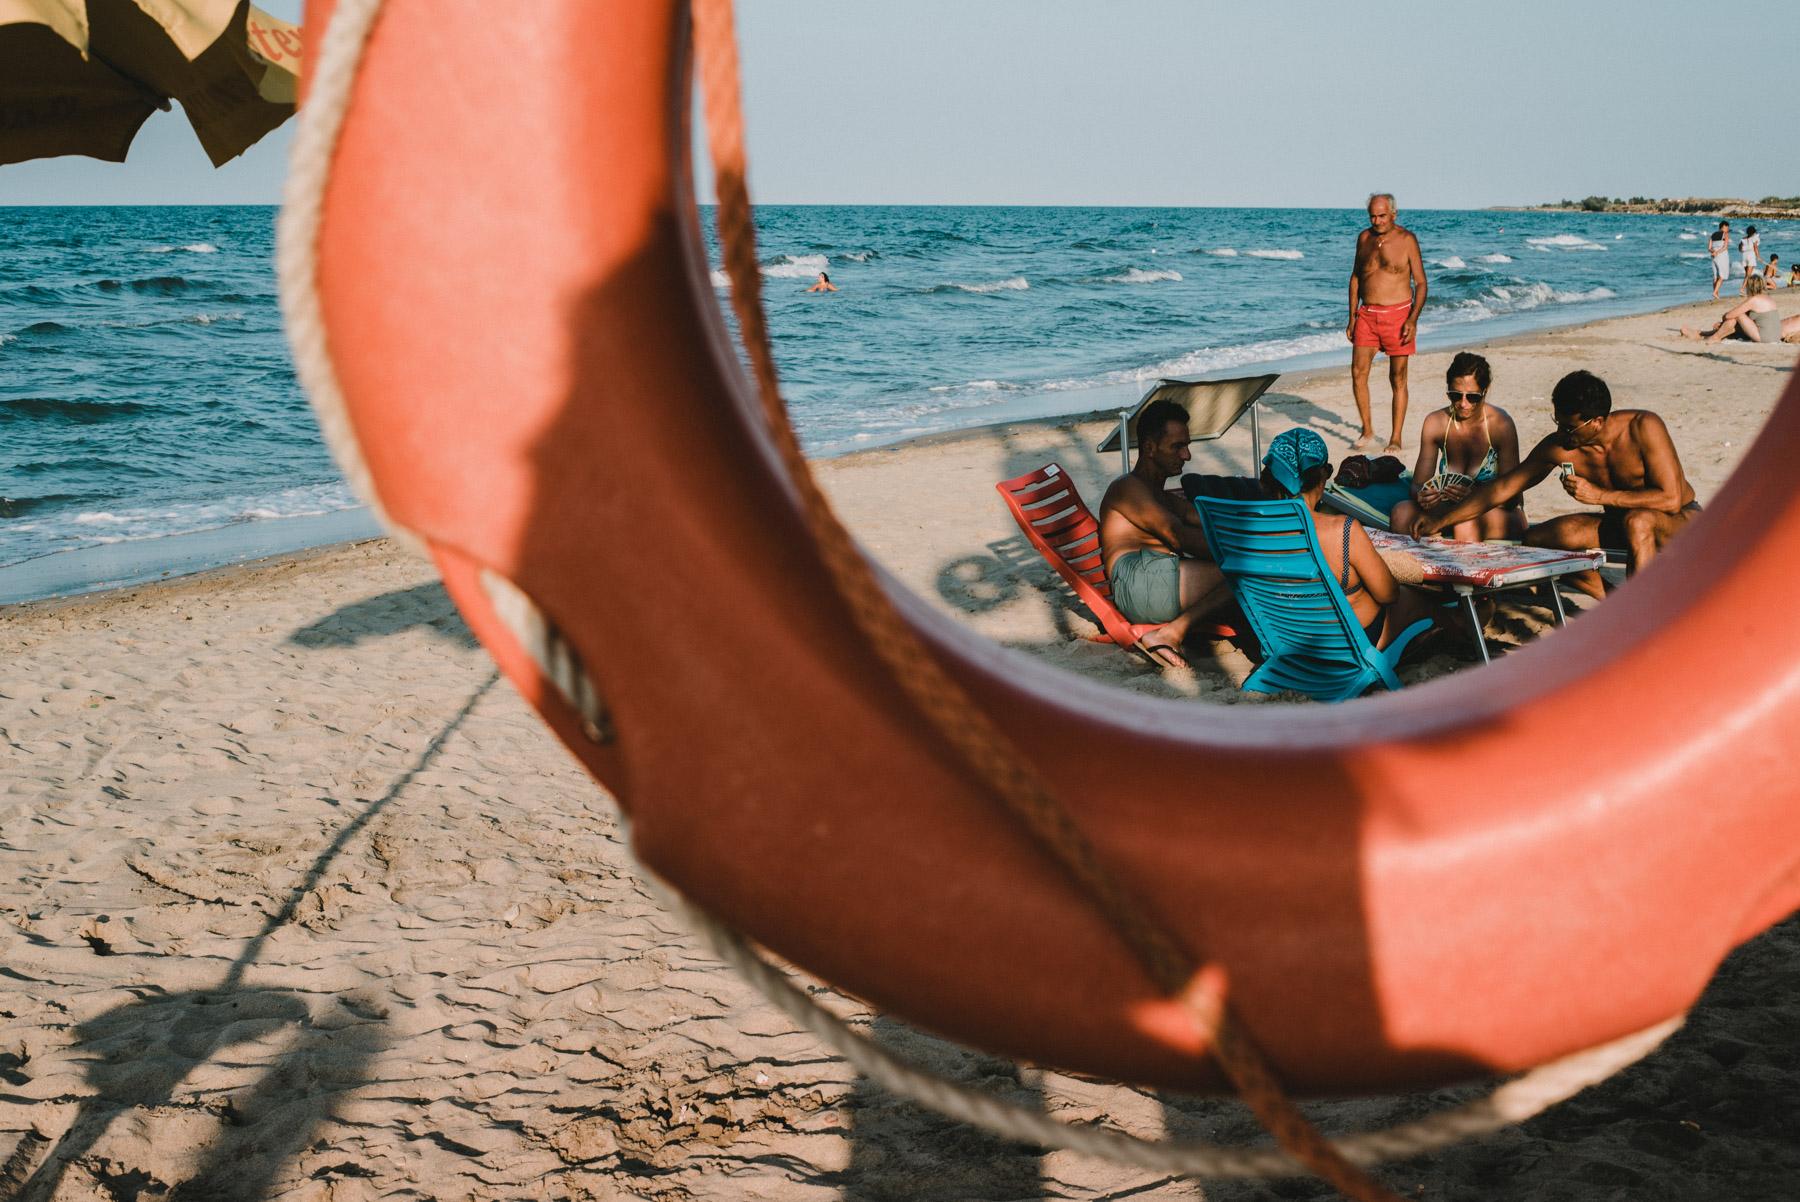 Some friends having fun and playing cards on the beach by the sea in the city of Barletta in Apulia, alcuni amici si divertono in spiaggia giocando a carte vicino al mare nella città di barletta in Puglia